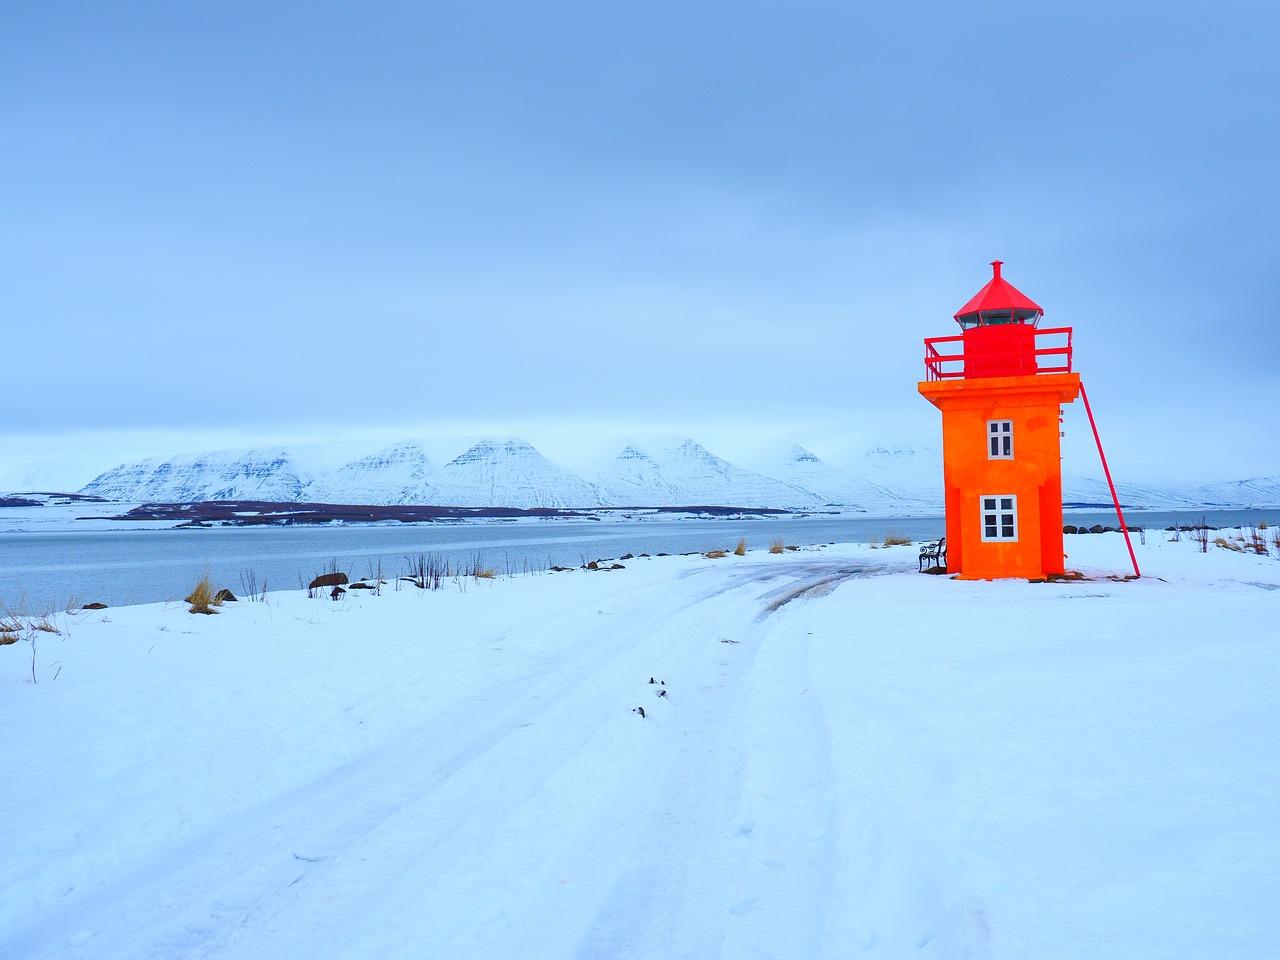 Imagen en tonos azulados (temperatura de color fría)